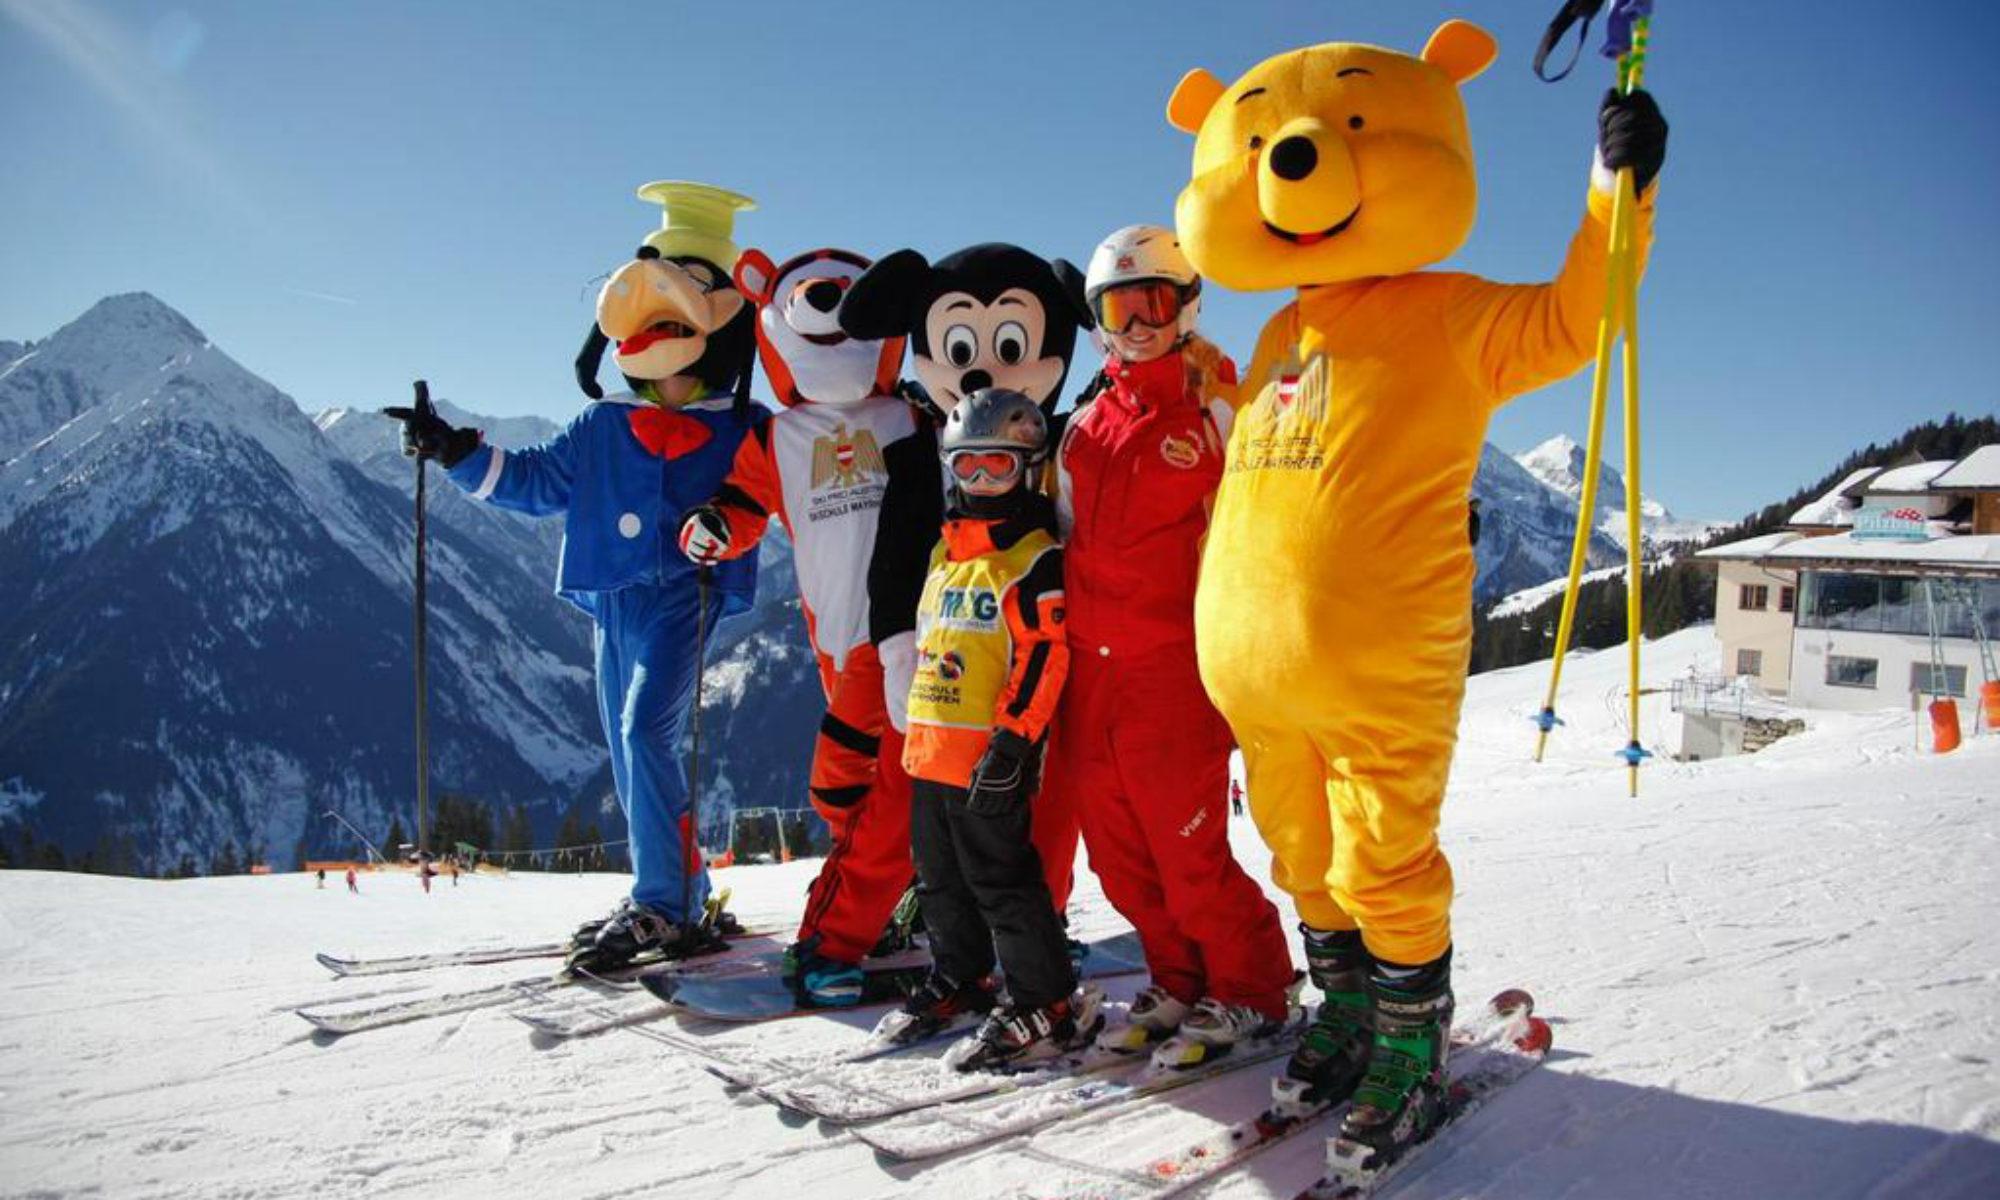 De mascottes van de skischolen van Mayrhofen, waaronder Mickey Mouse, poseren samen met een skileraar en een leerling.